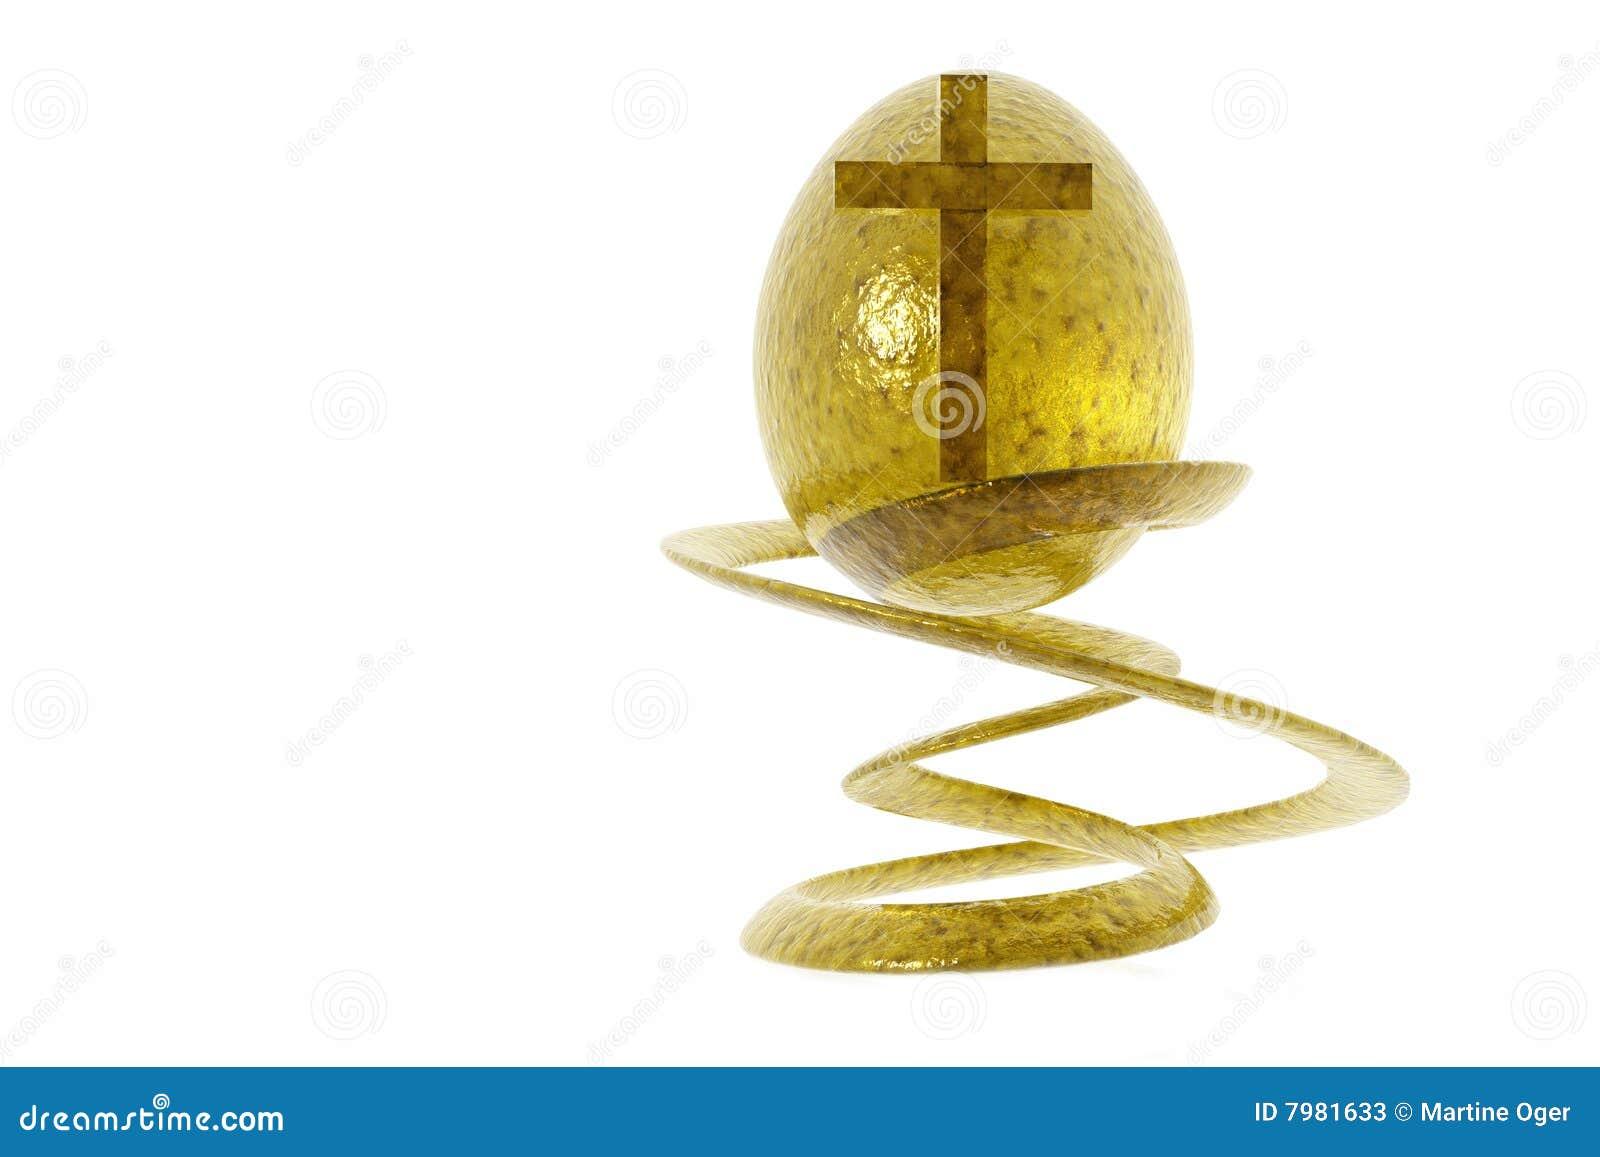 Pâques Religieuse Image Stock Image Du Glace Fond Signalétique